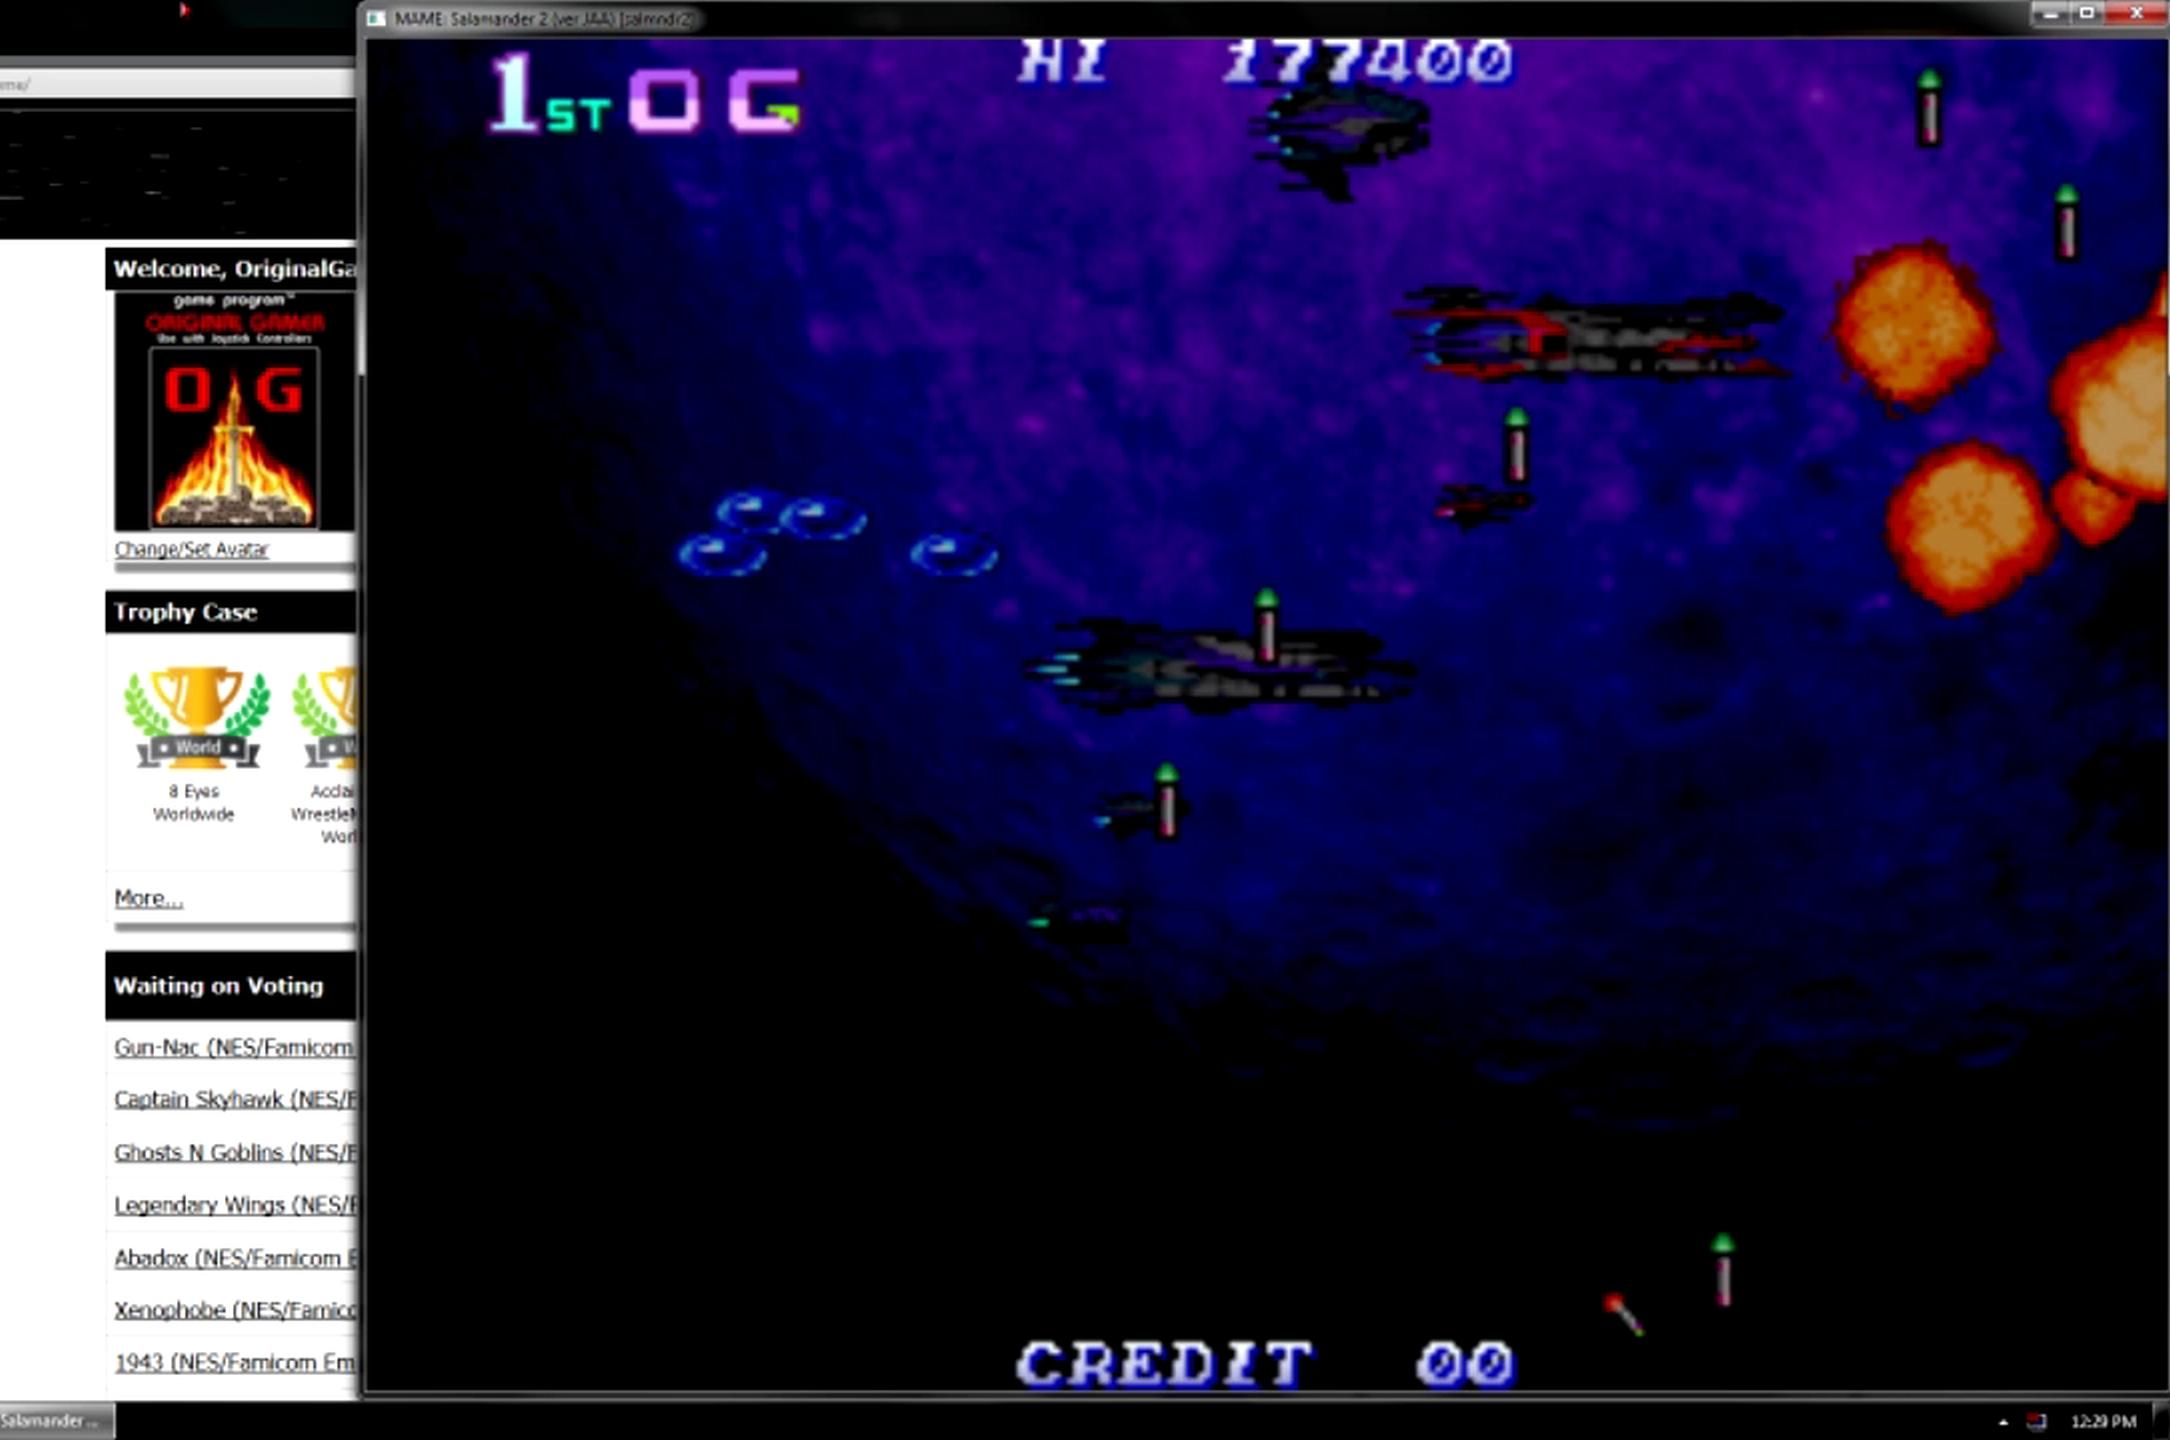 OriginalGamer: Salamander 2 [salmndr2] (Arcade Emulated / M.A.M.E.) 177,400 points on 2015-05-27 20:27:46